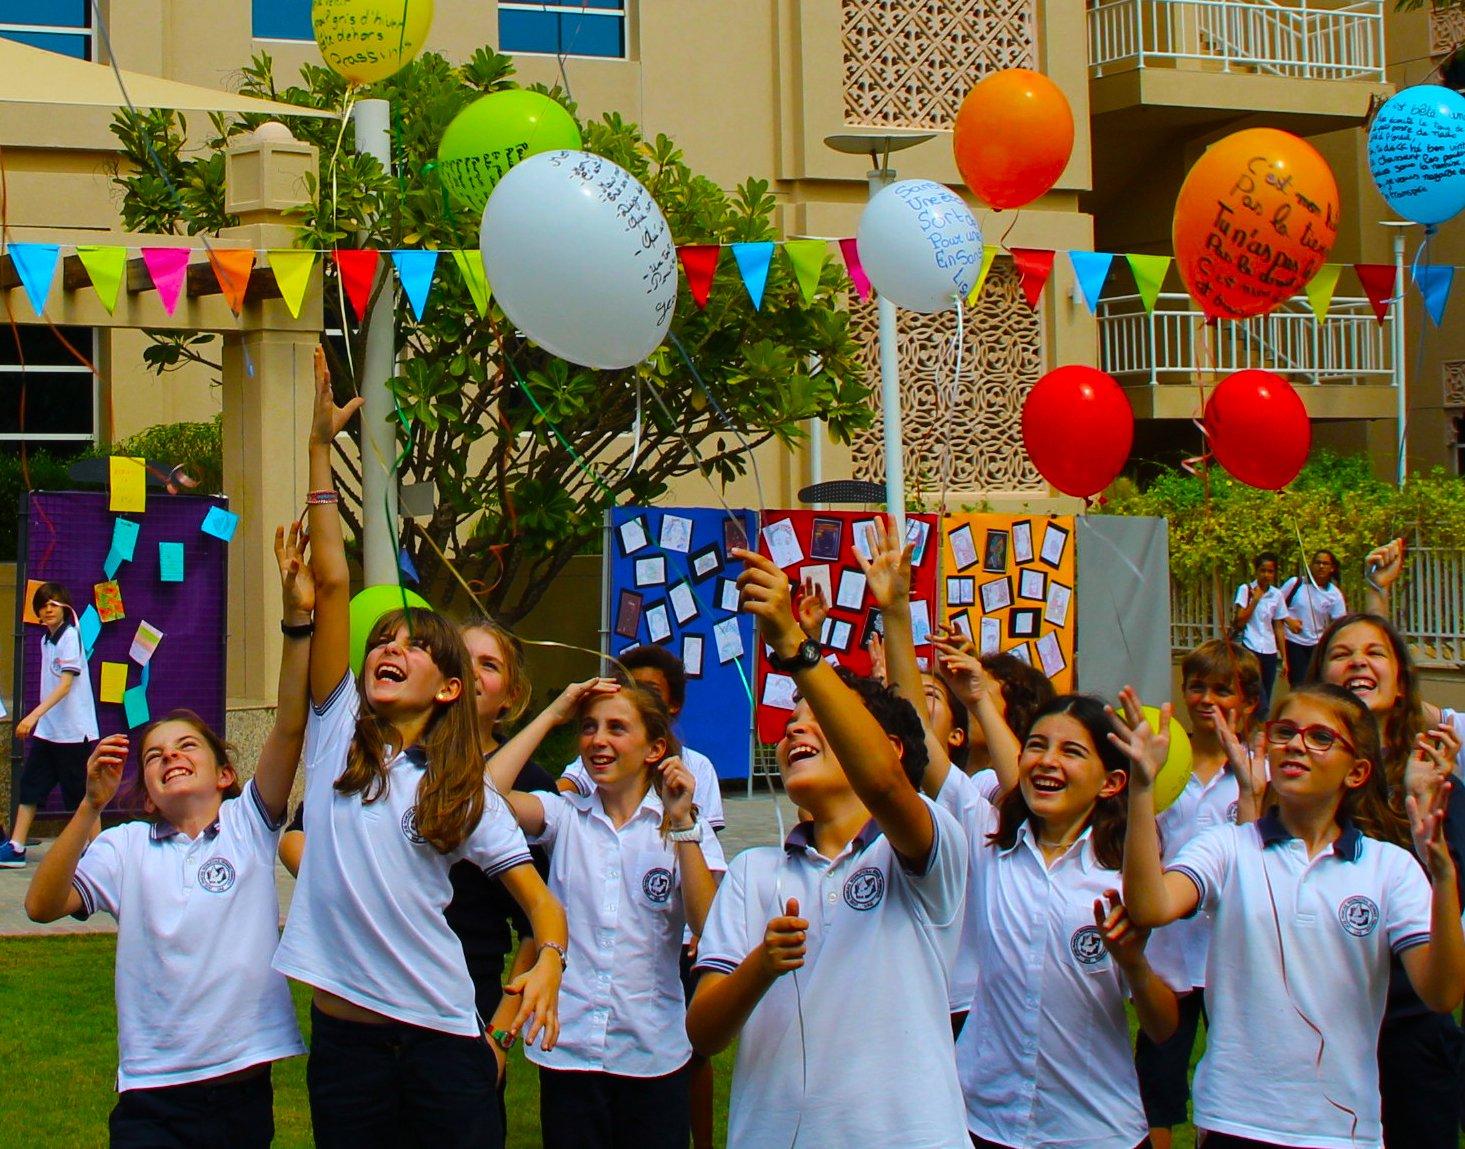 Mga batang nagdiriwang sa Lycée Francais International Georges Pompidou - isang paaralan na naitala ng Pinakamahusay na Paaralan sa Dubai at Abu Dhabi 2017 na nagwagi ng award